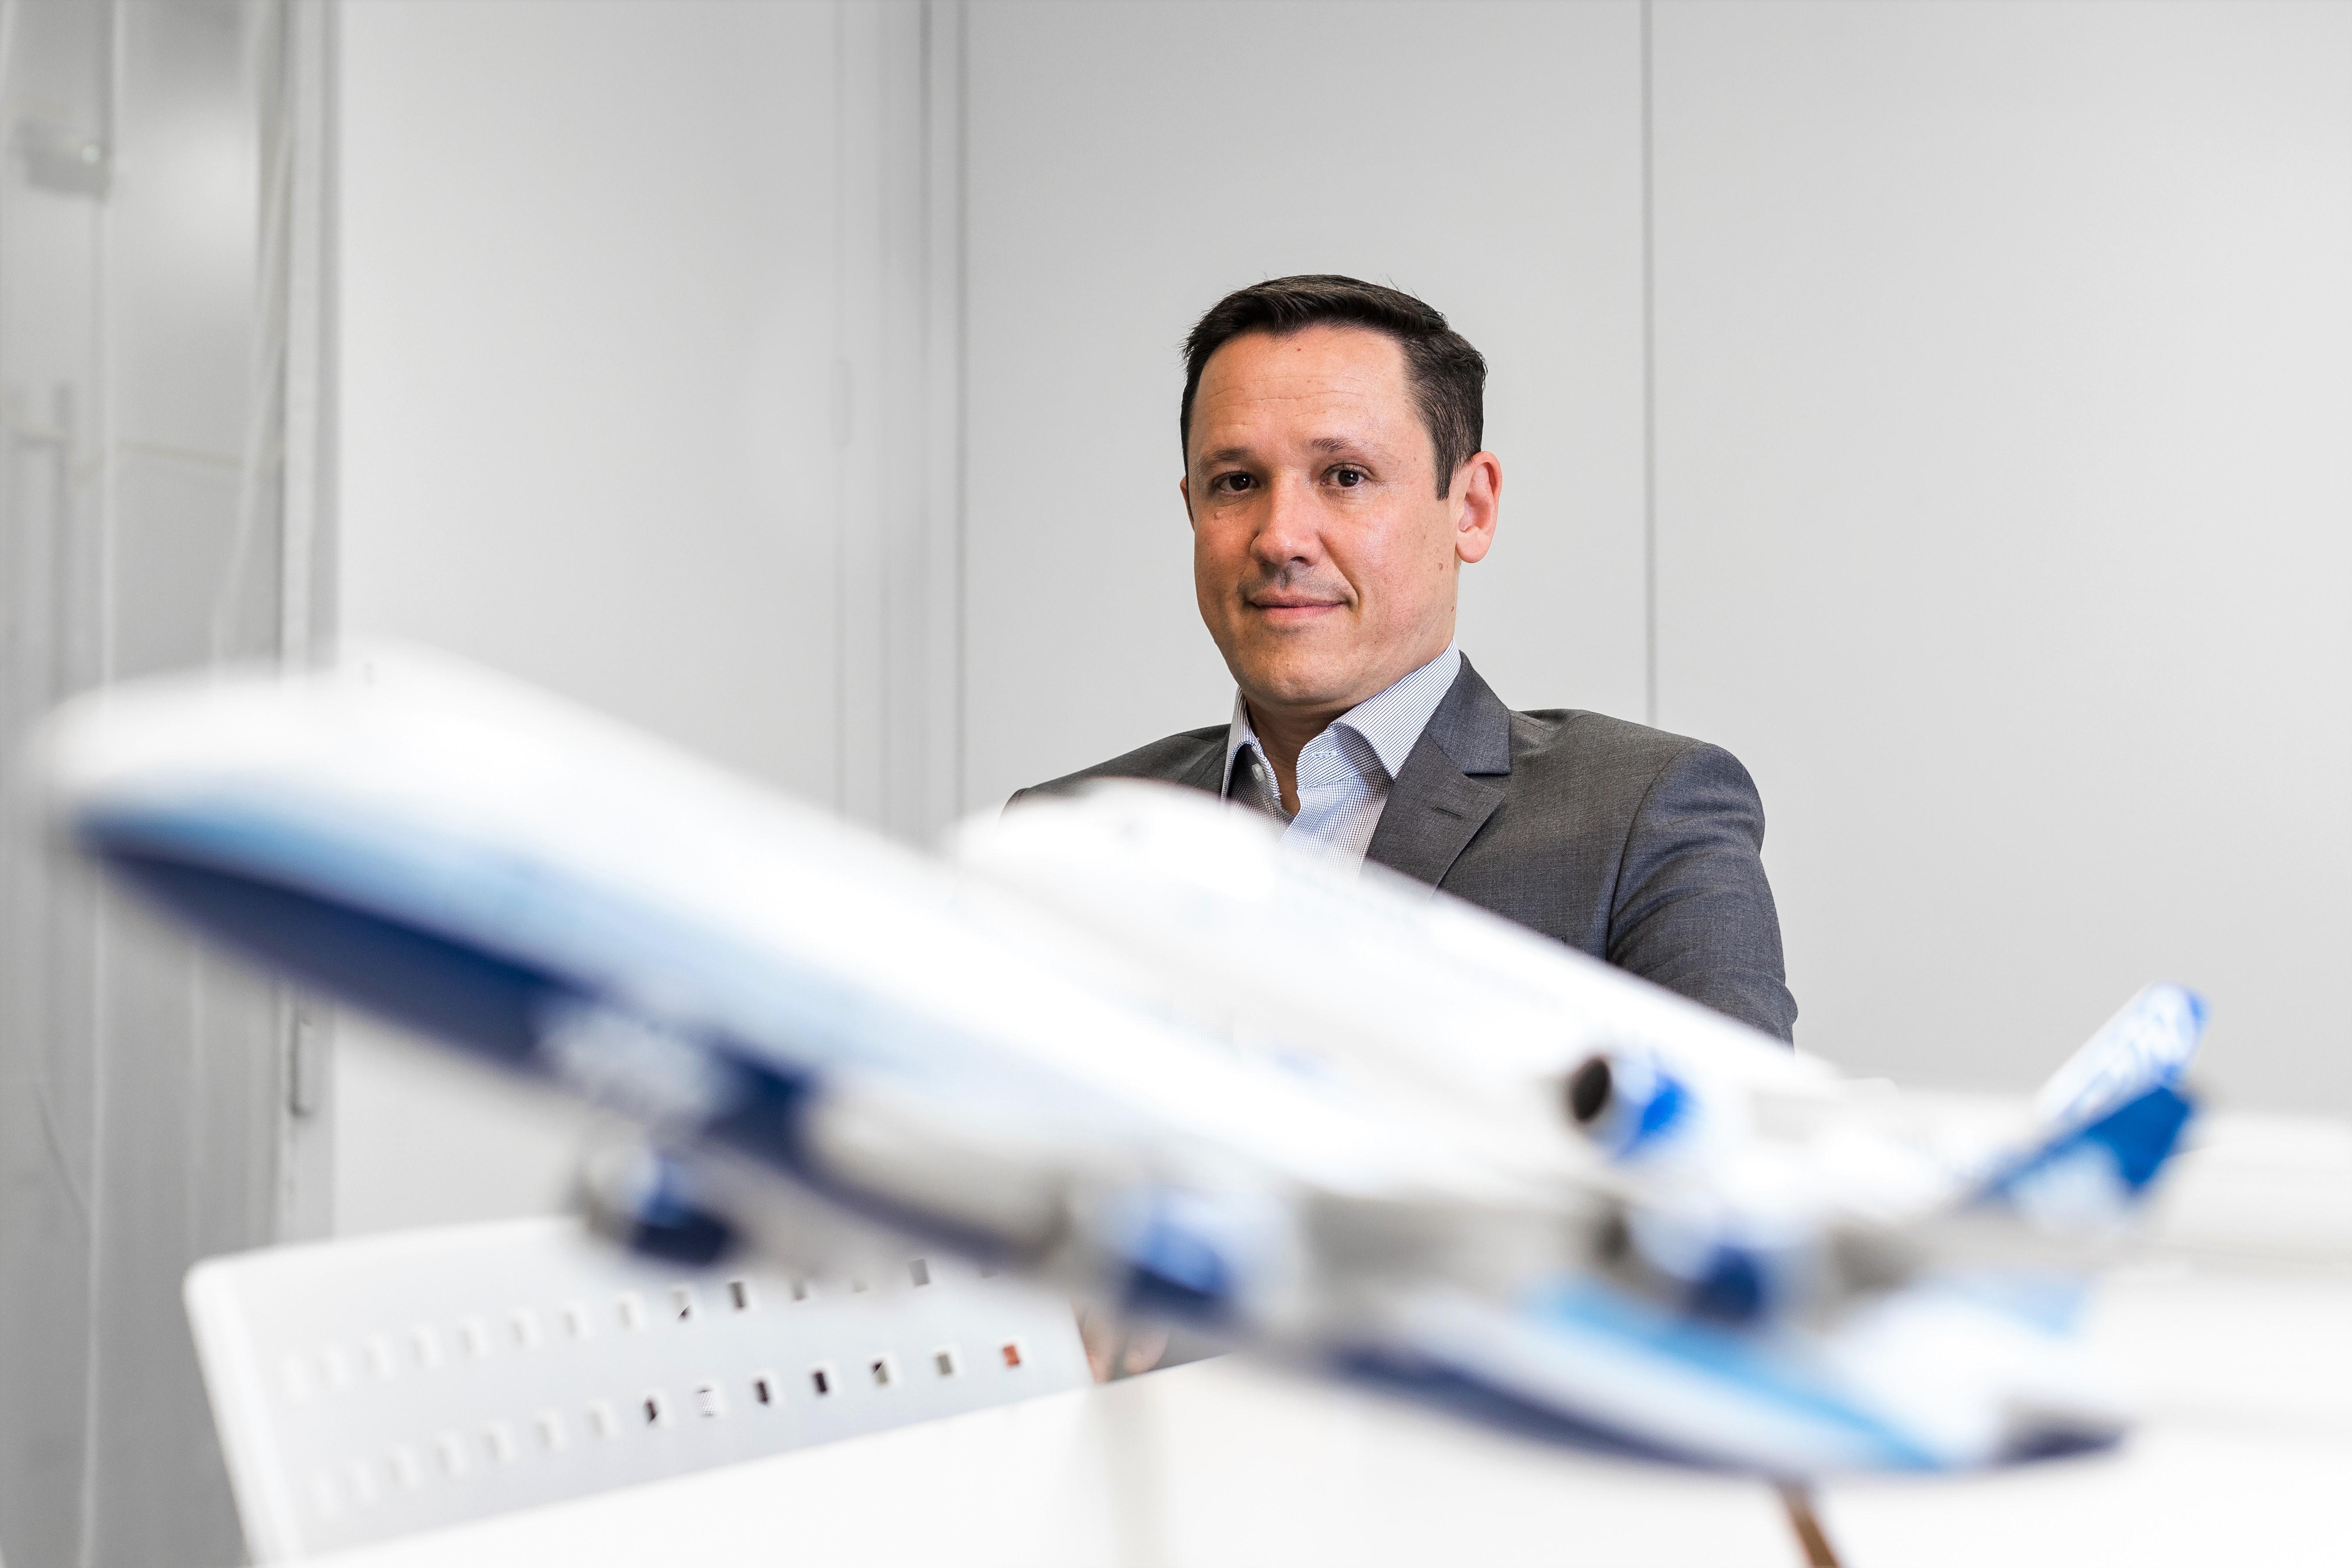 IATA: O grande erro ao se proibir a cobrança por assento marcado